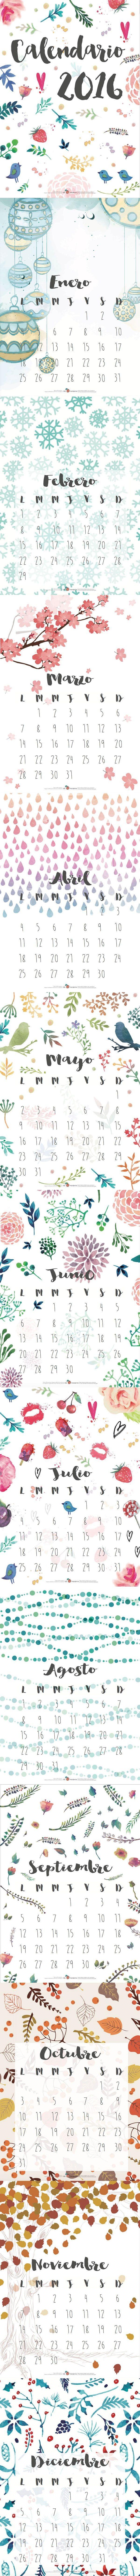 Calendario 2016 descargable gratuito disponible en